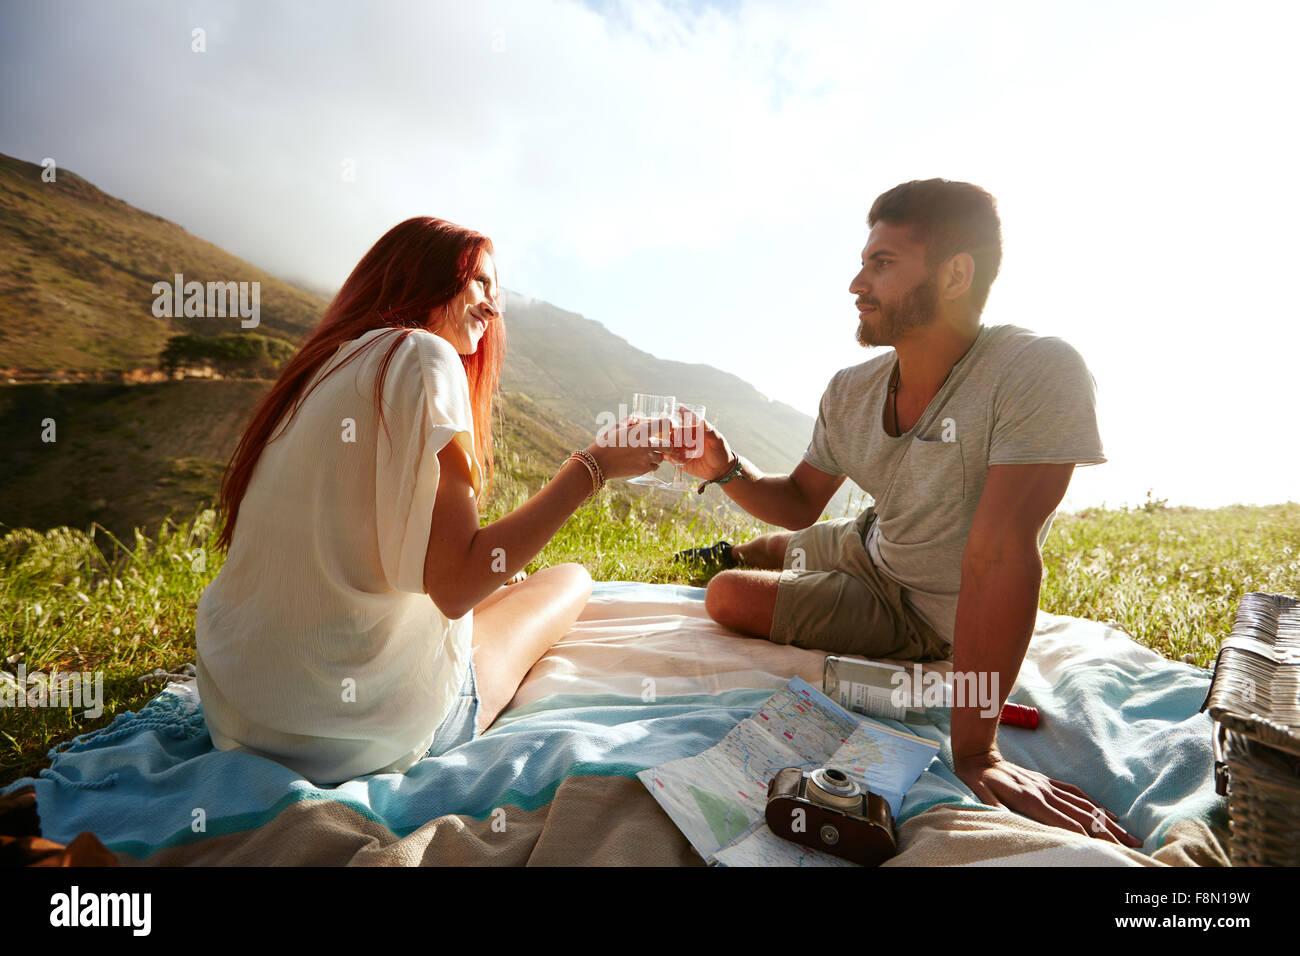 Liebespaar auf dem Rasen sitzen und trinken Wein bei einem Picknick. Kaukasischen Mann und Frau im Sommerurlaub. Stockbild